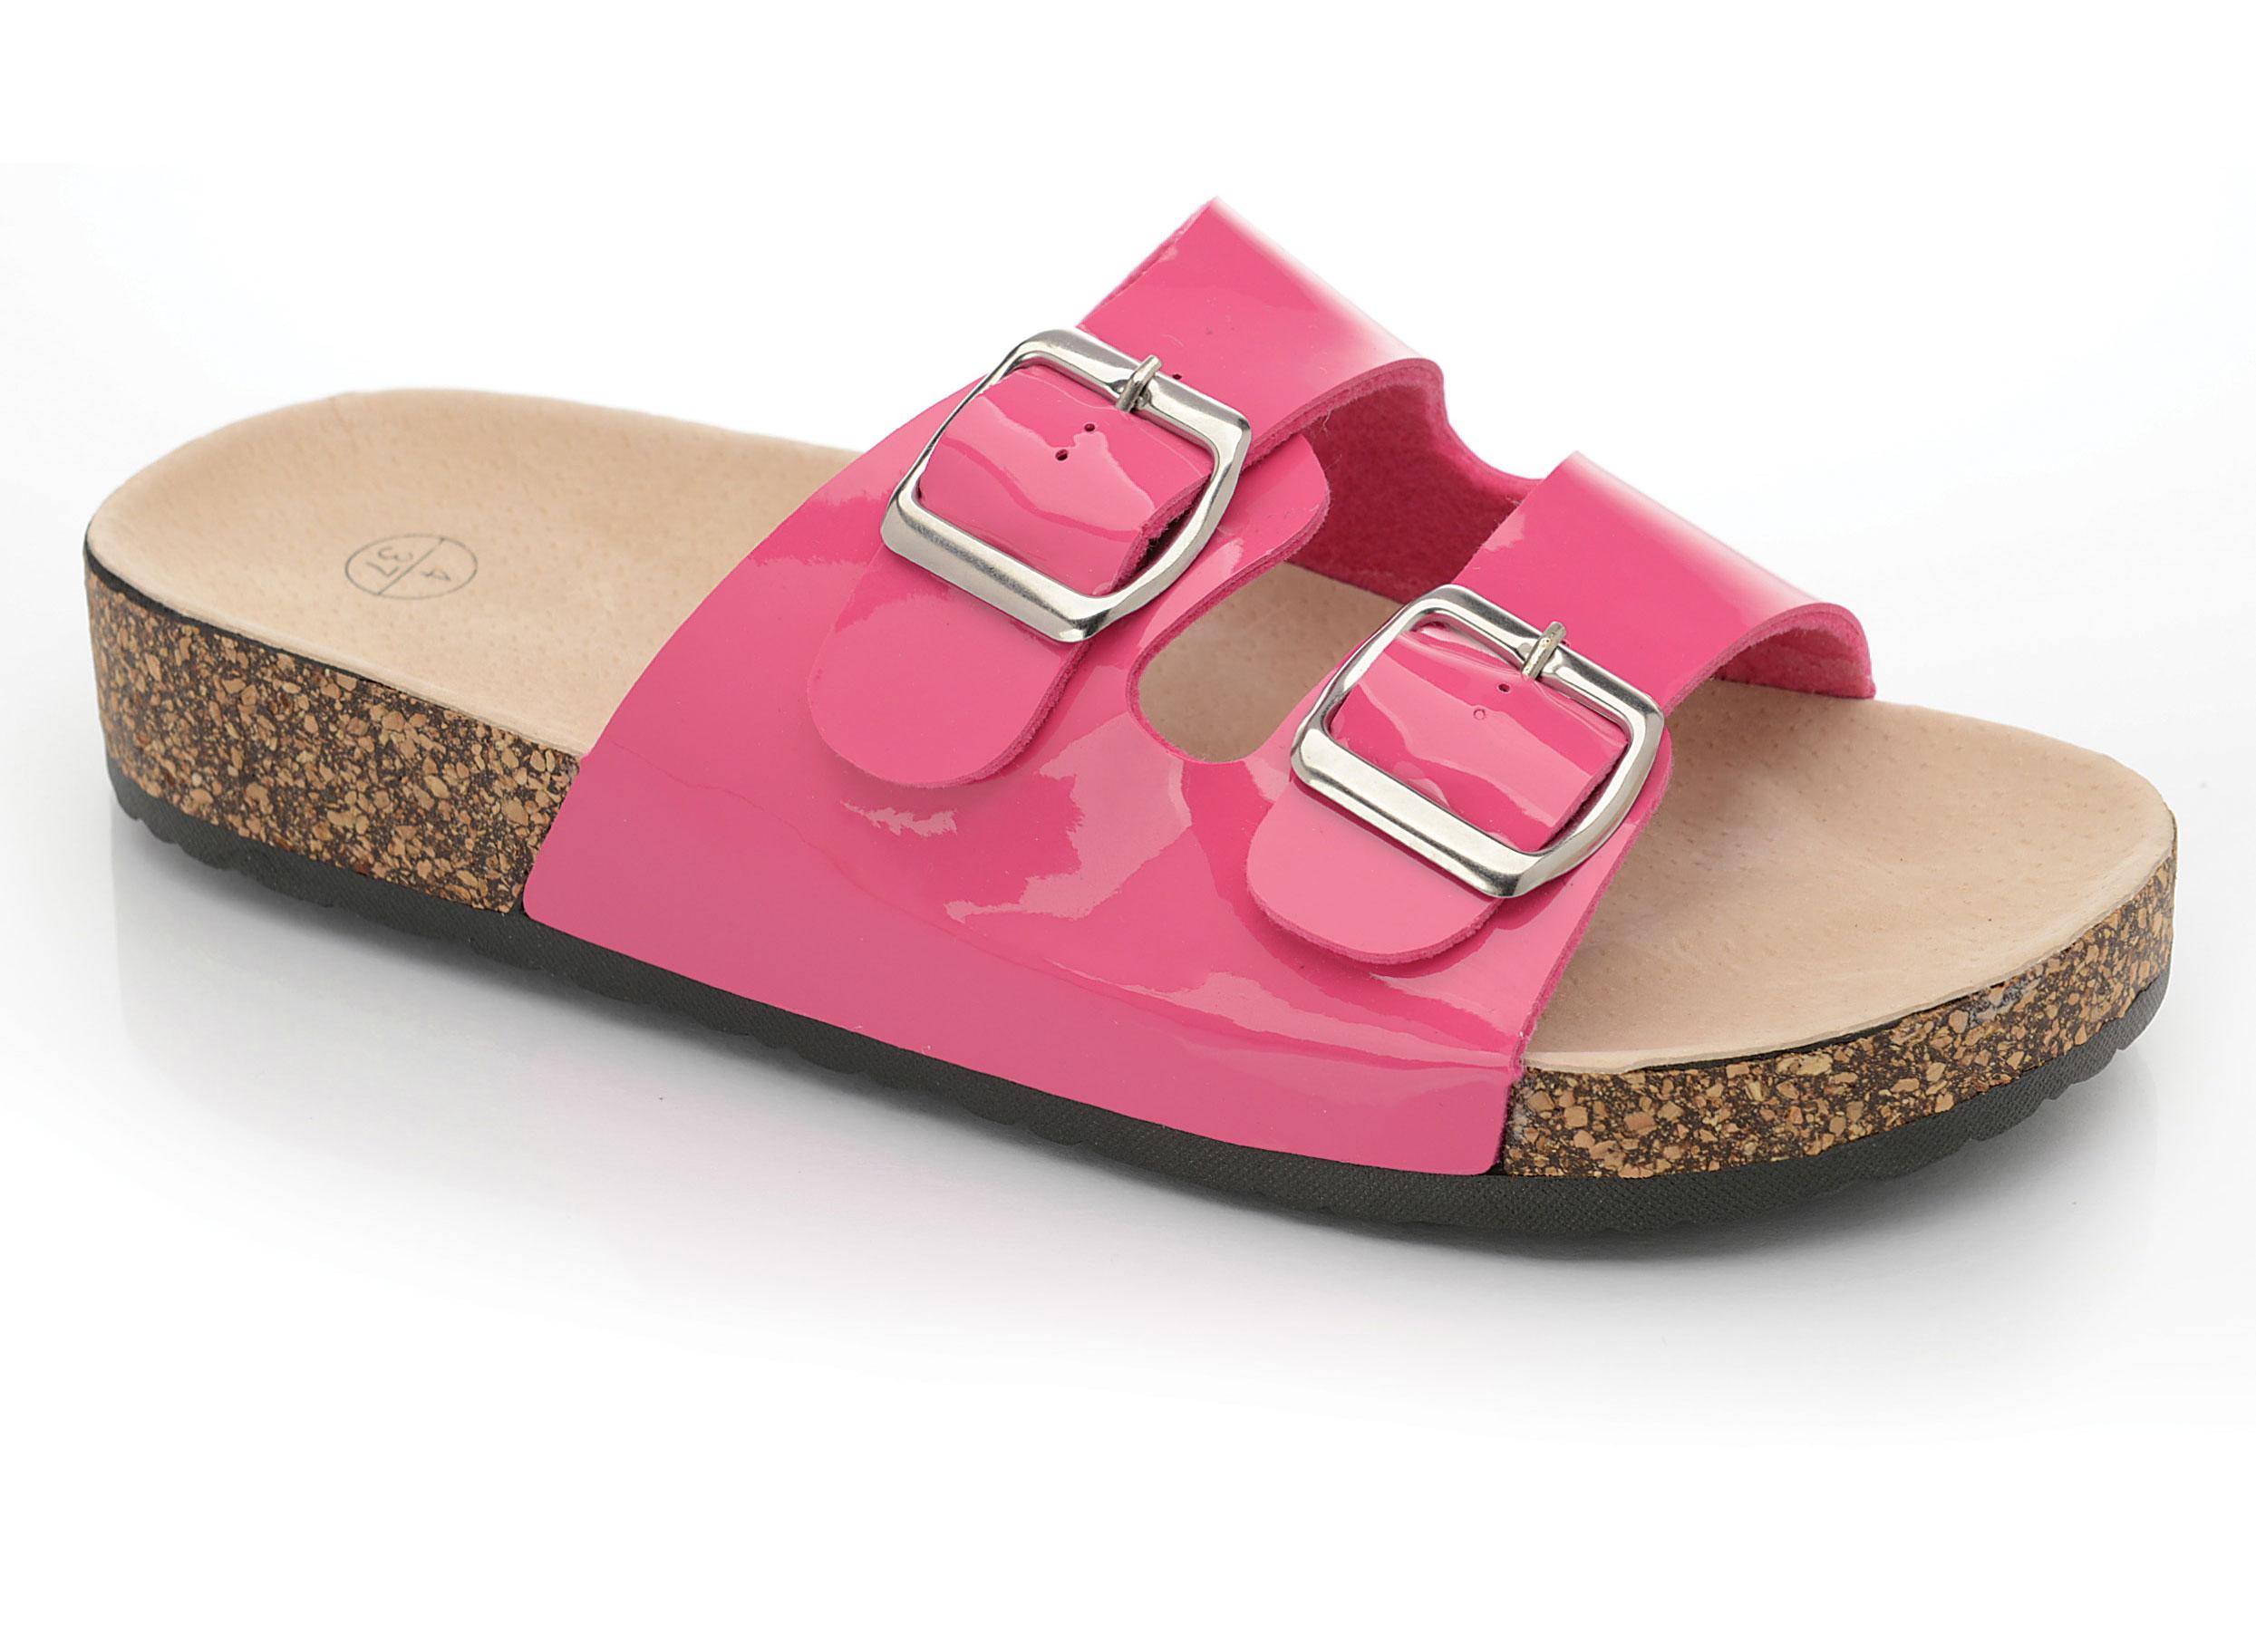 Pink comfort sandals sale many kinds of DPI7h